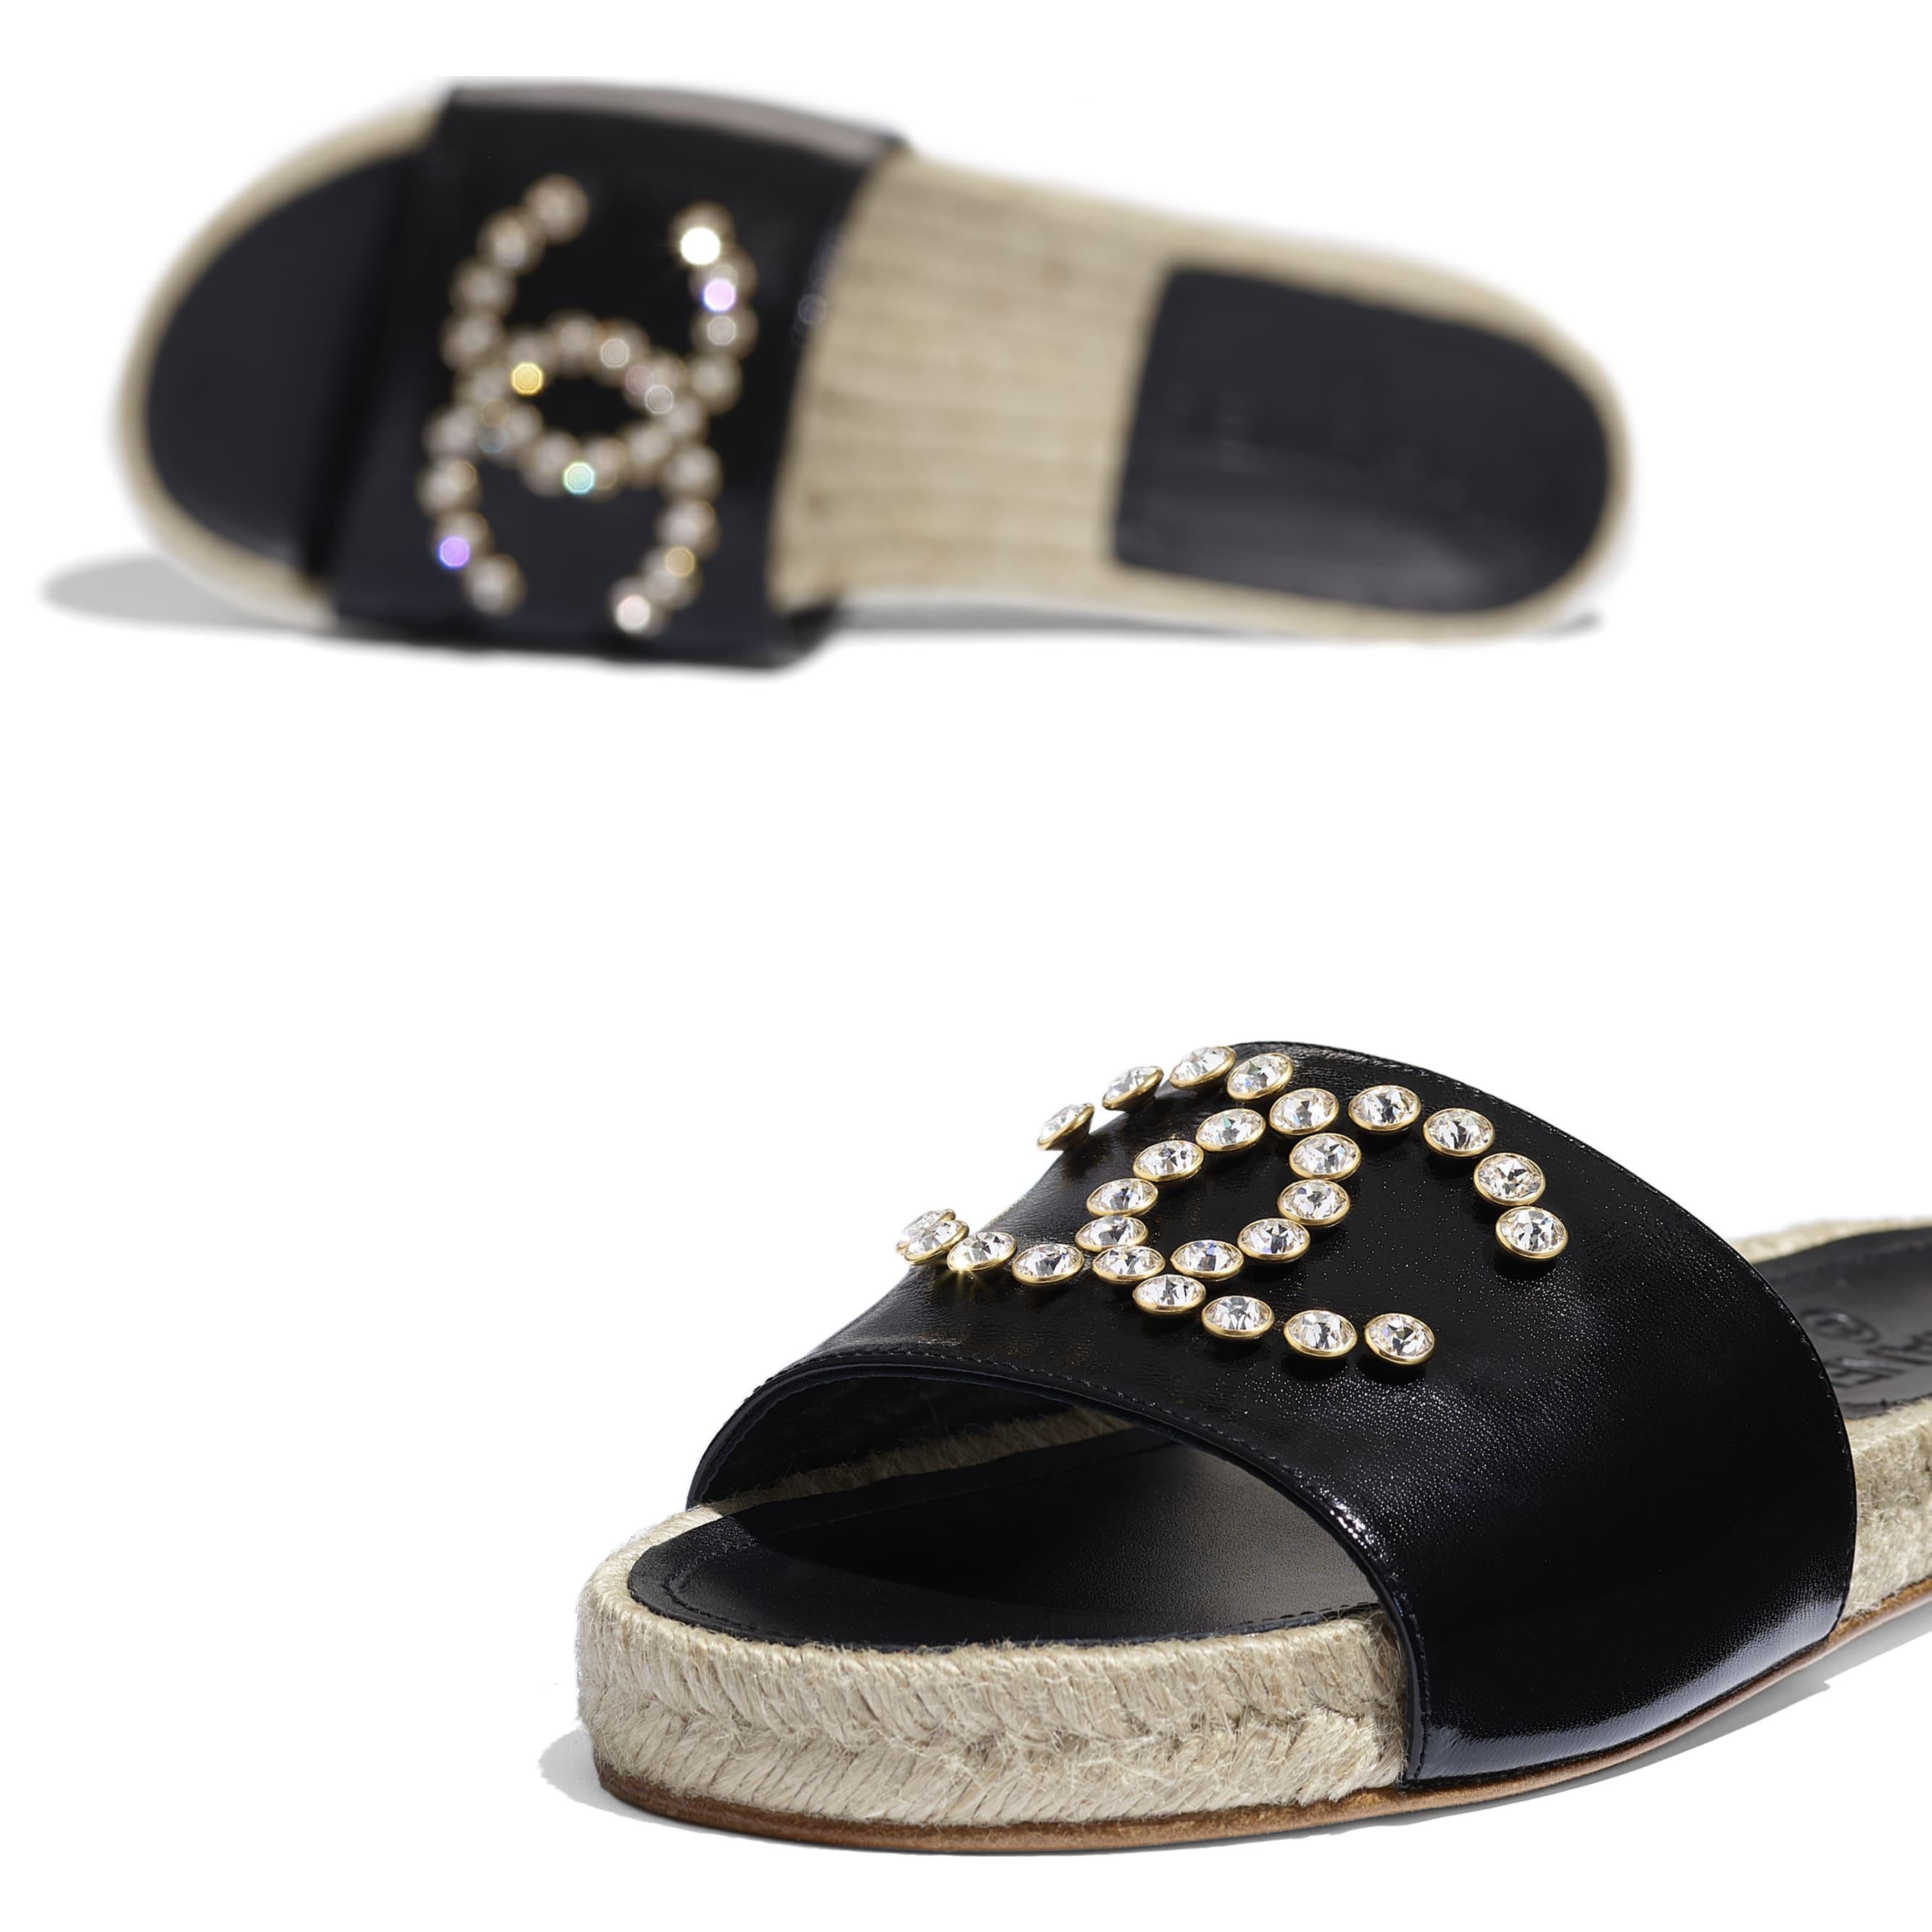 蜜兒拖鞋 - 黑 - 小牛漆皮 - 額外視圖 - 查看標準尺寸版本